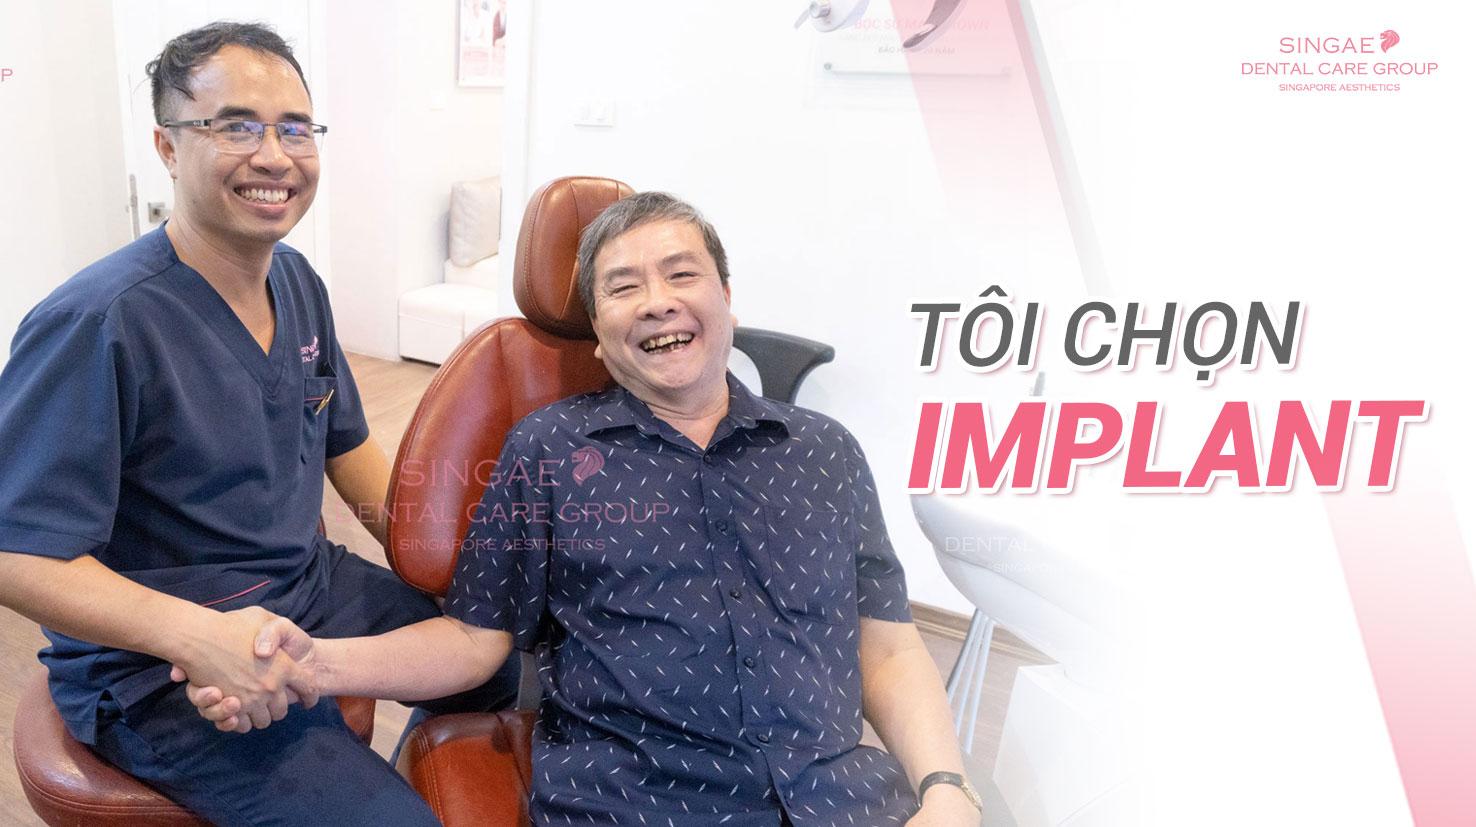 Implant nha khoa có điểm gì đặc biệt mà HOT đến vậy?